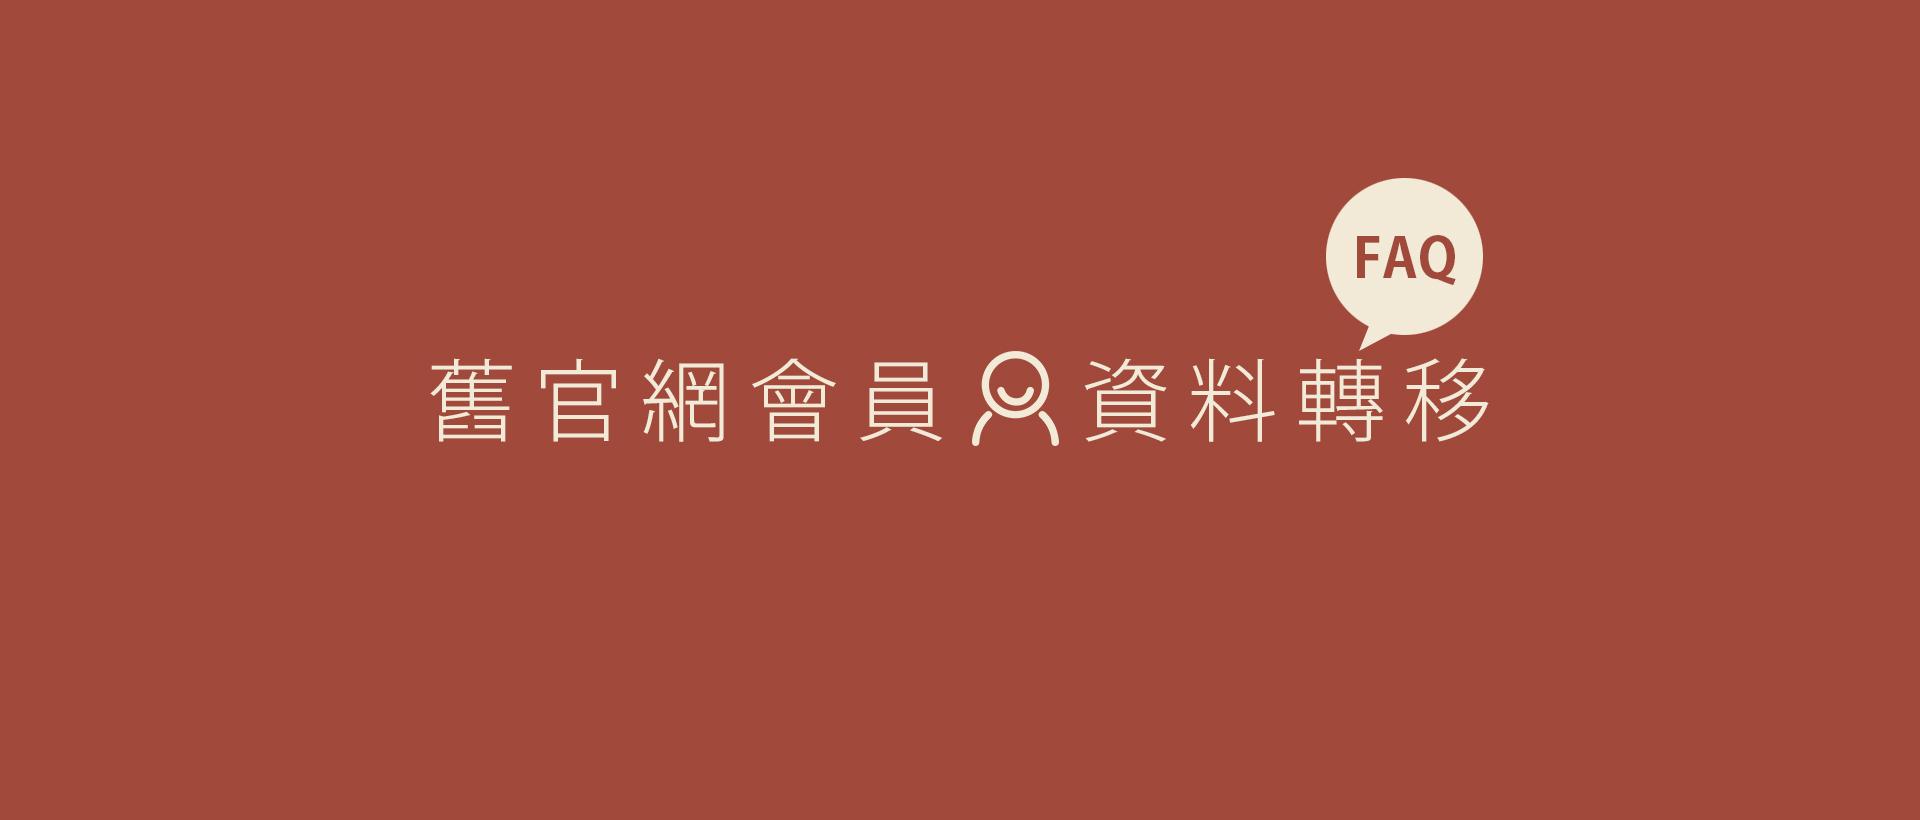 i-KiREi原官網會員資料轉移